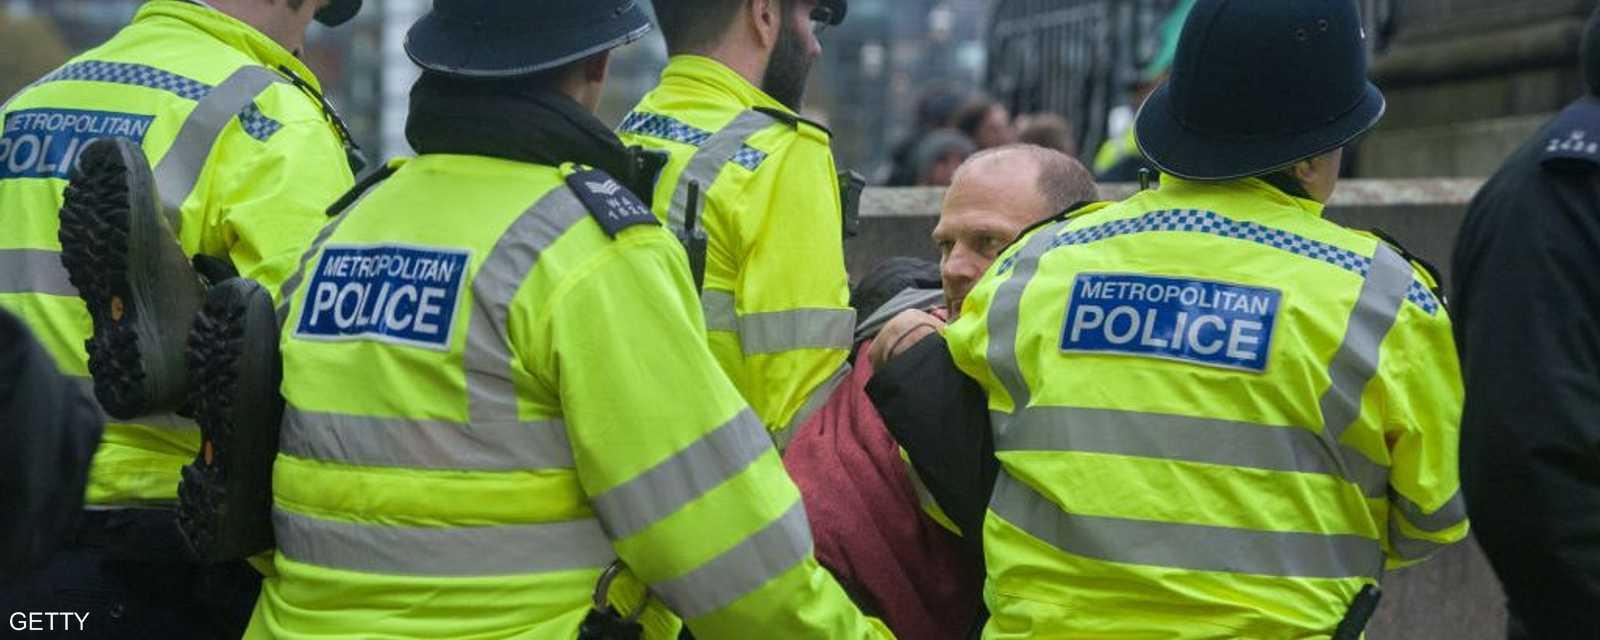 الشرطة البريطانية تعتقل أحد المحتجين على تغير المناخ